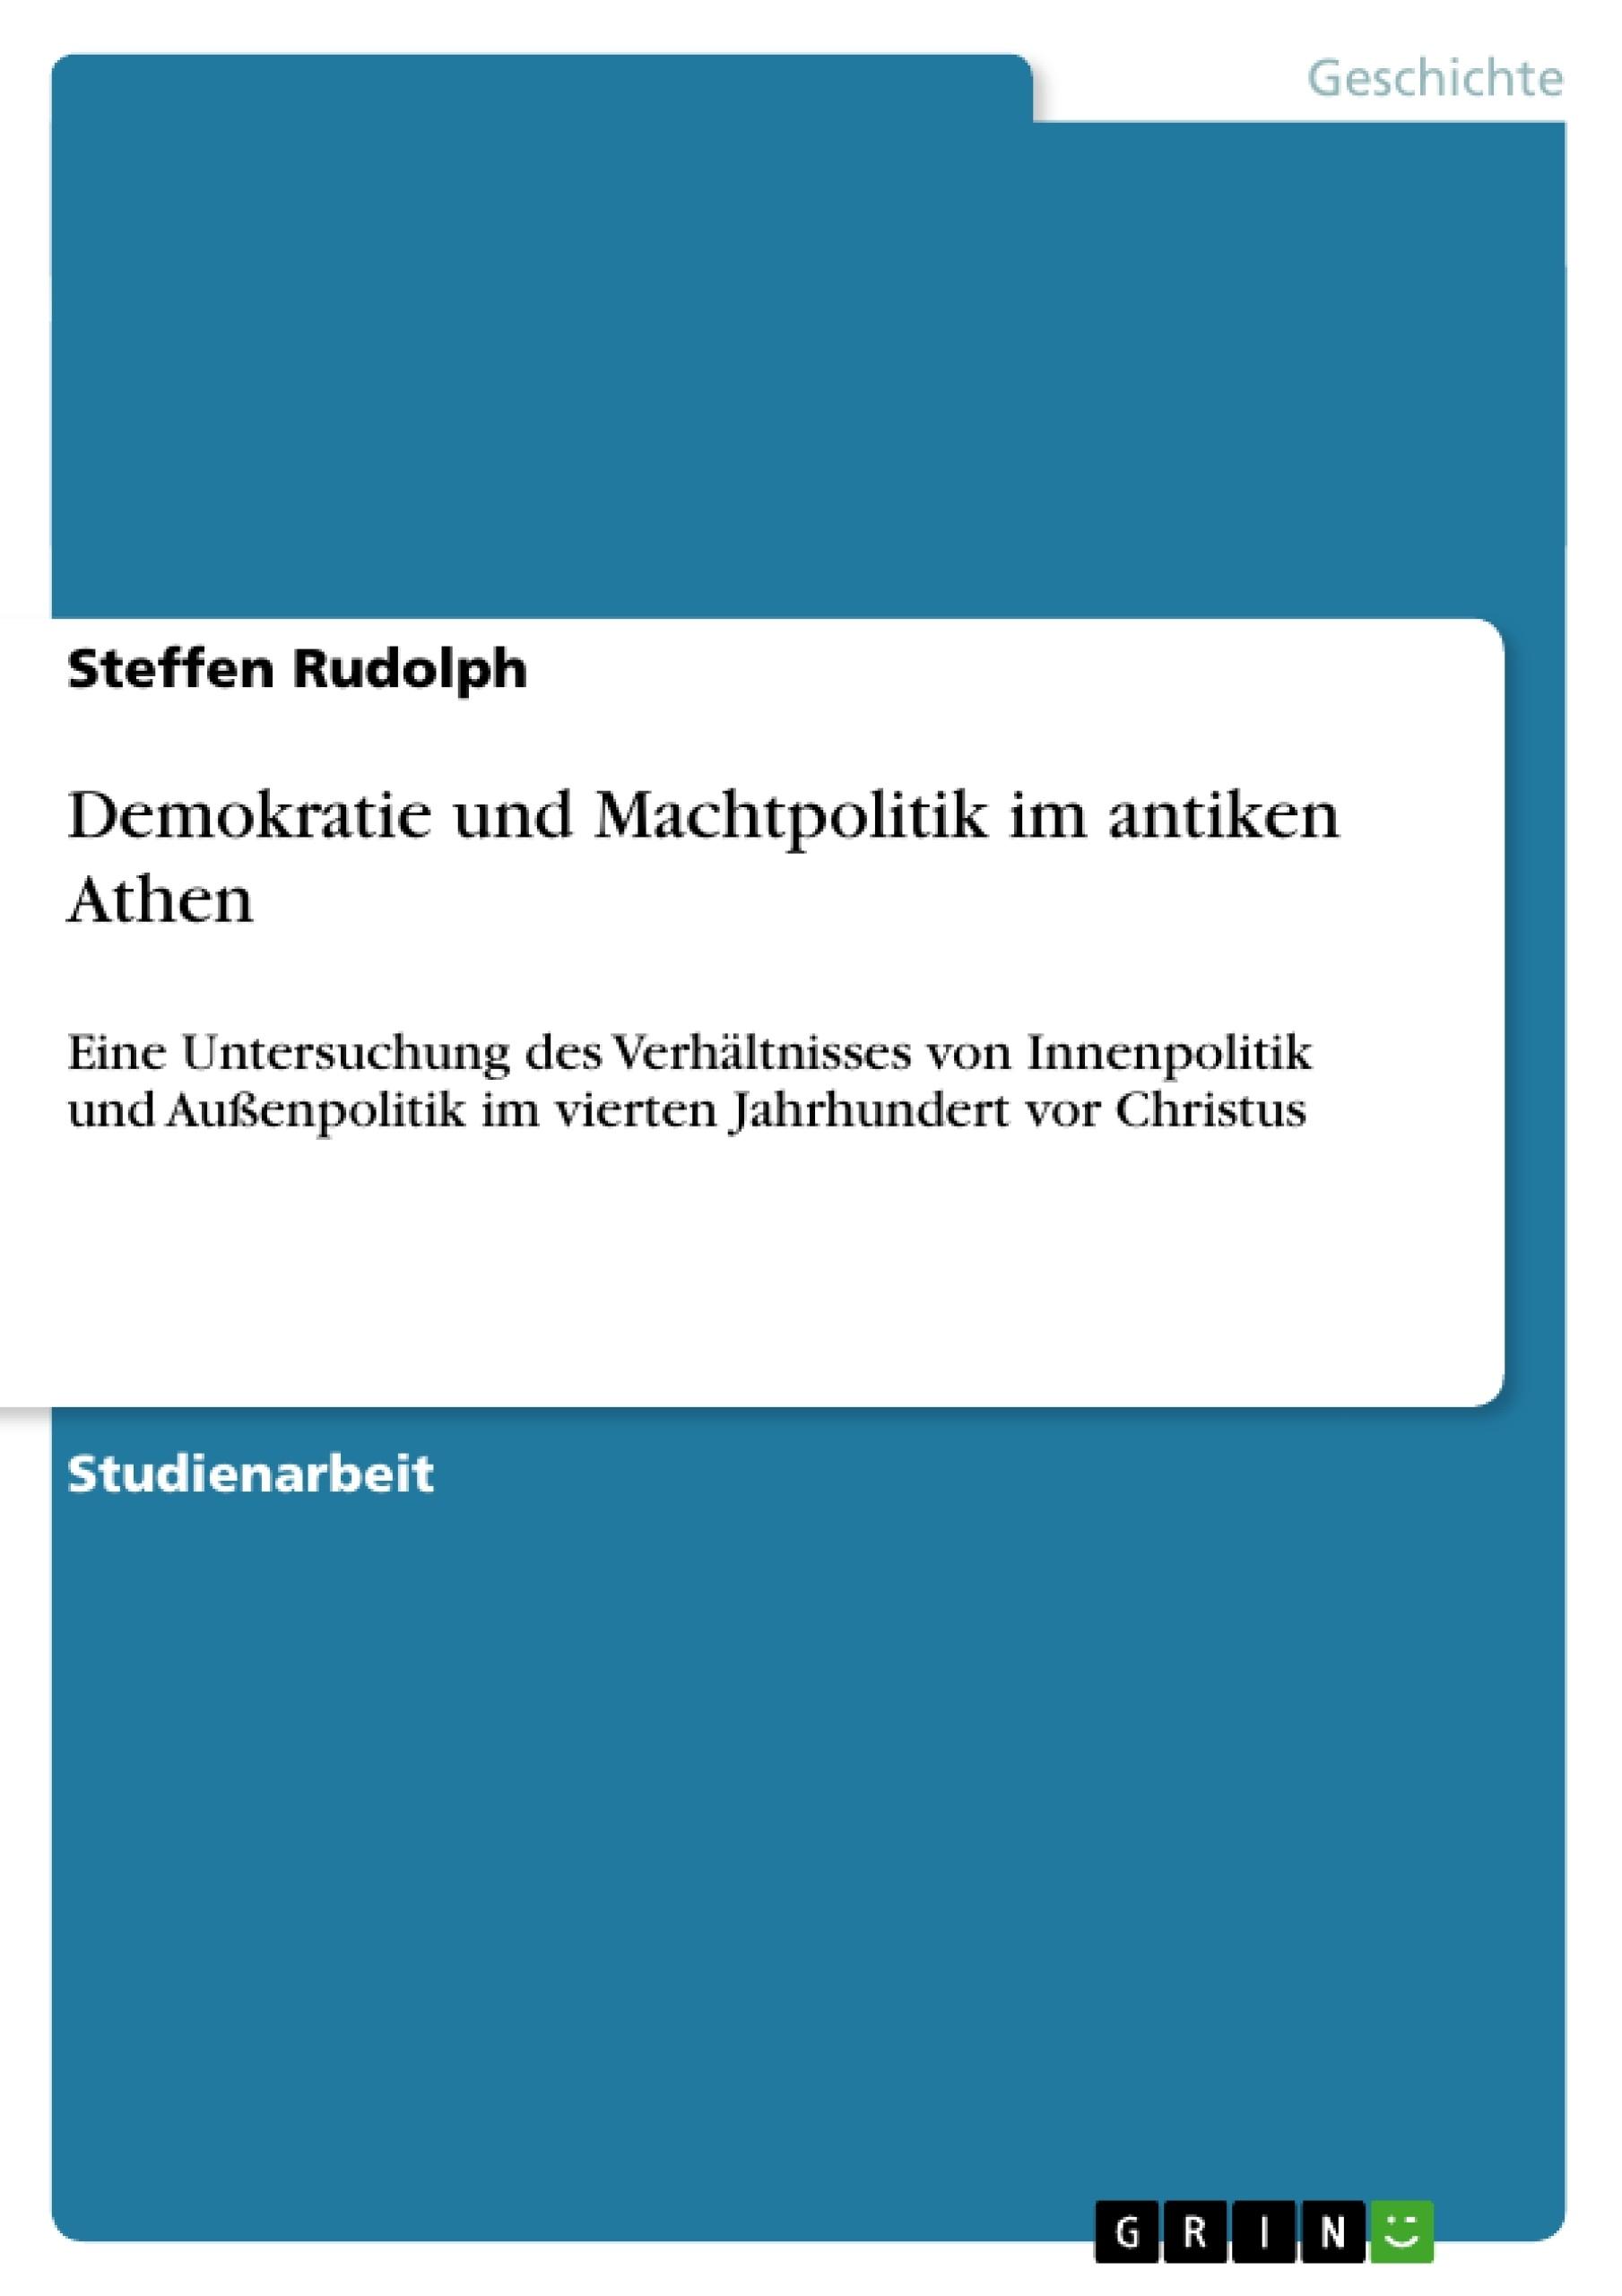 Titel: Demokratie und Machtpolitik im antiken Athen